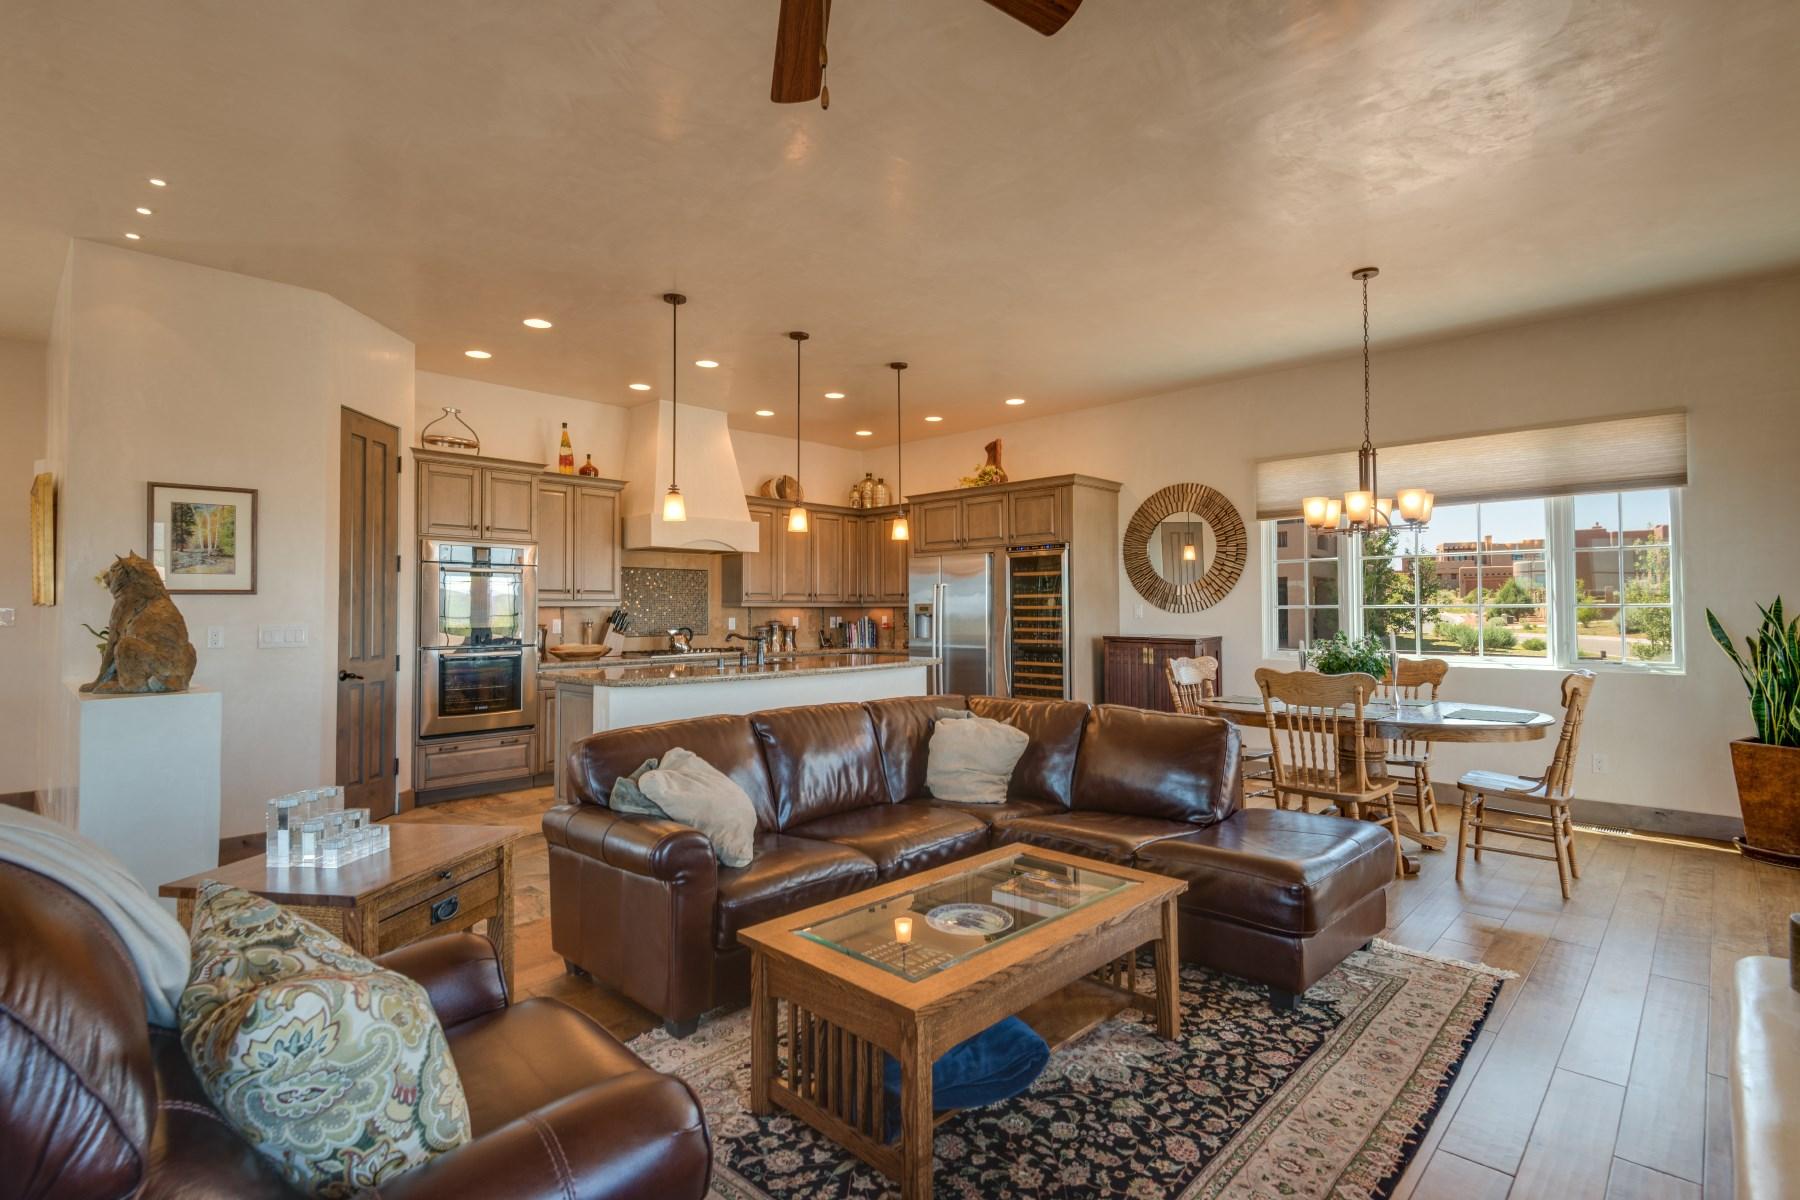 Single Family Home for Sale at 16 Camino de Colores 16 Cam De Colores Las Campanas & Los Santeros, Santa Fe, New Mexico, 87506 United States